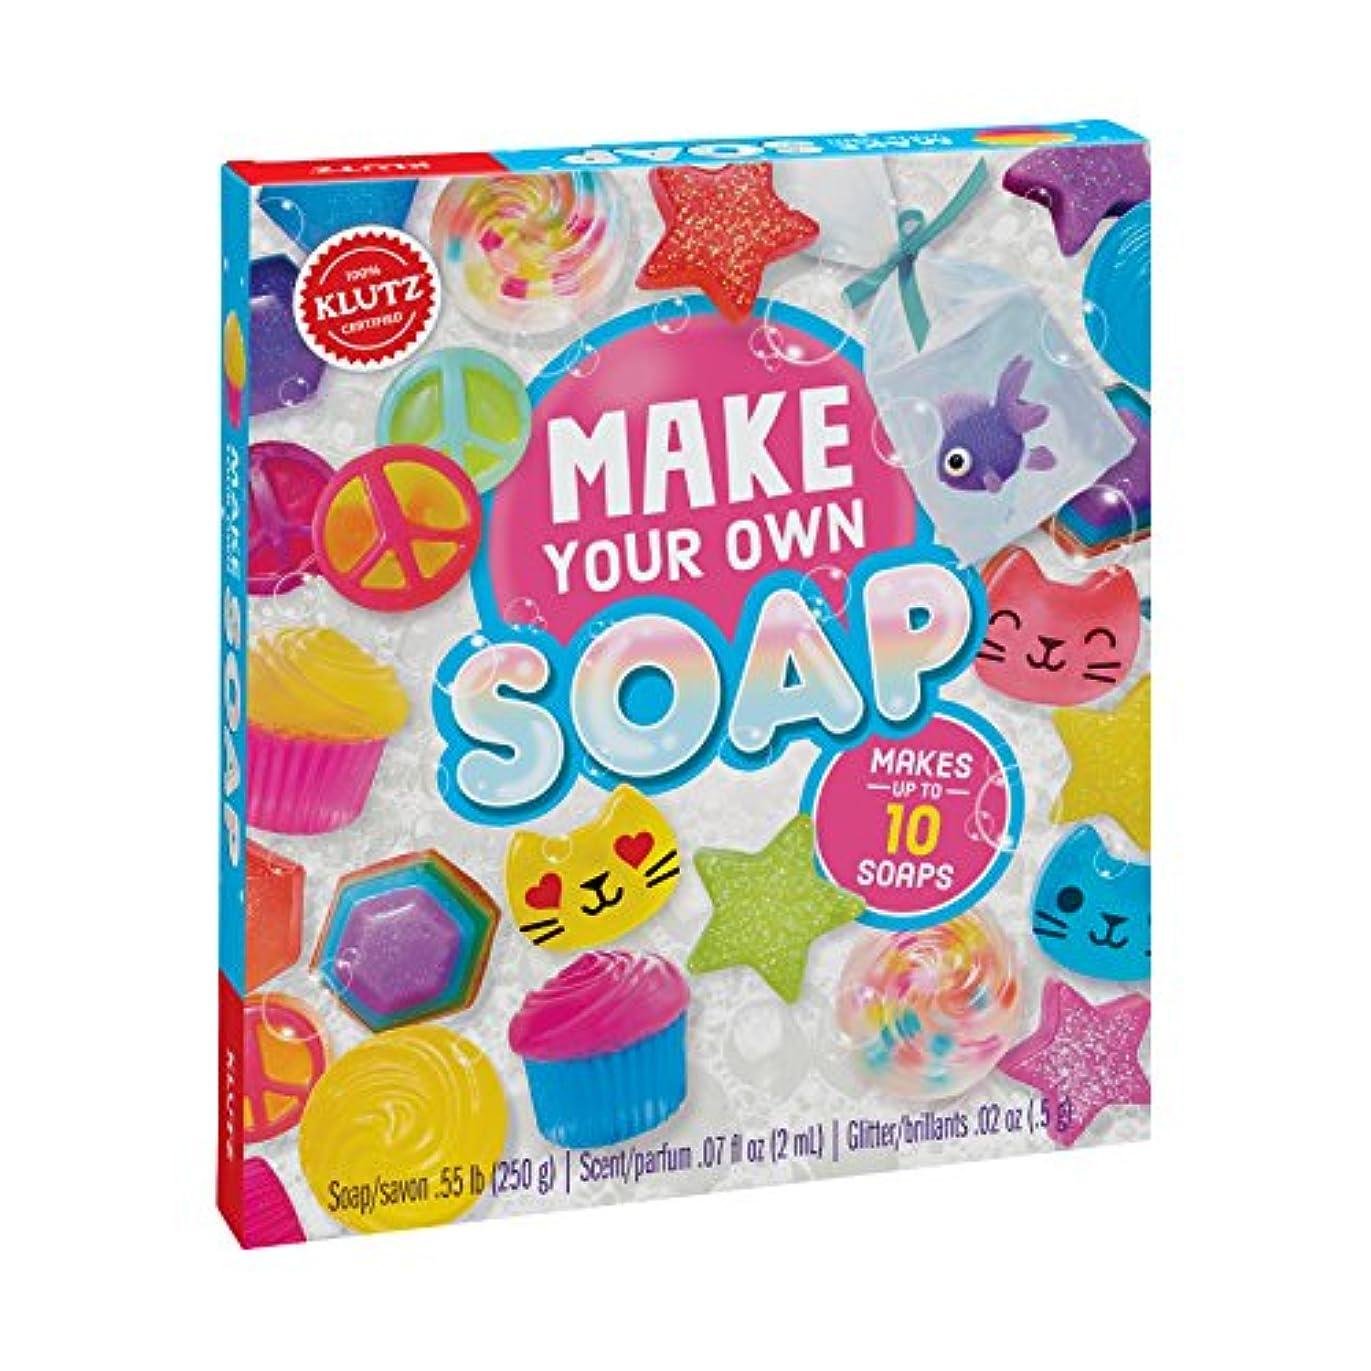 ヒューバートハドソン区別する中断Klutz K810645 Make Your Own Melt & Pour Soap Kit